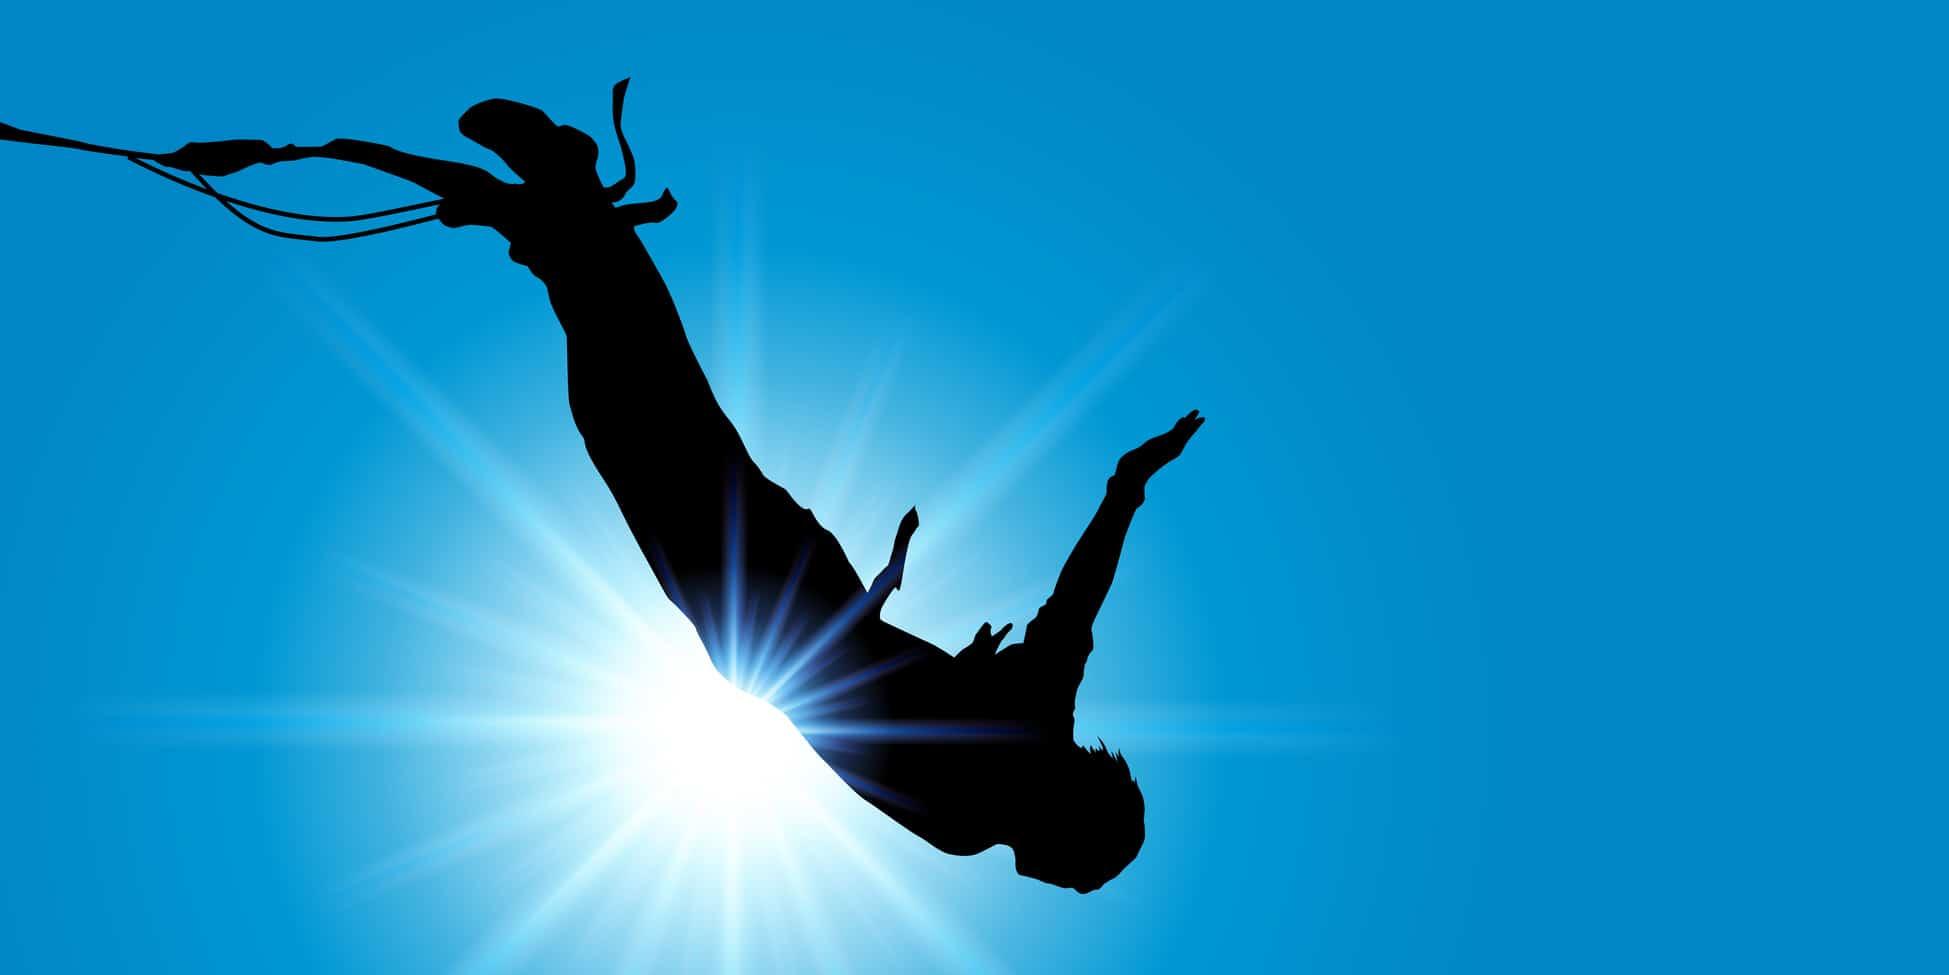 Eine Person macht Bungee Jumping von einer Brücke. Die Person ist als schwarzer umriss zu erkennen, weil im Hintergrund die Sonne scheint. Er zeigt mit dem Sprung einer hohen Brücke, dass er mit dem Programm der unibee Institute das Selbstbewusstsein sehr stark steigern konnte.